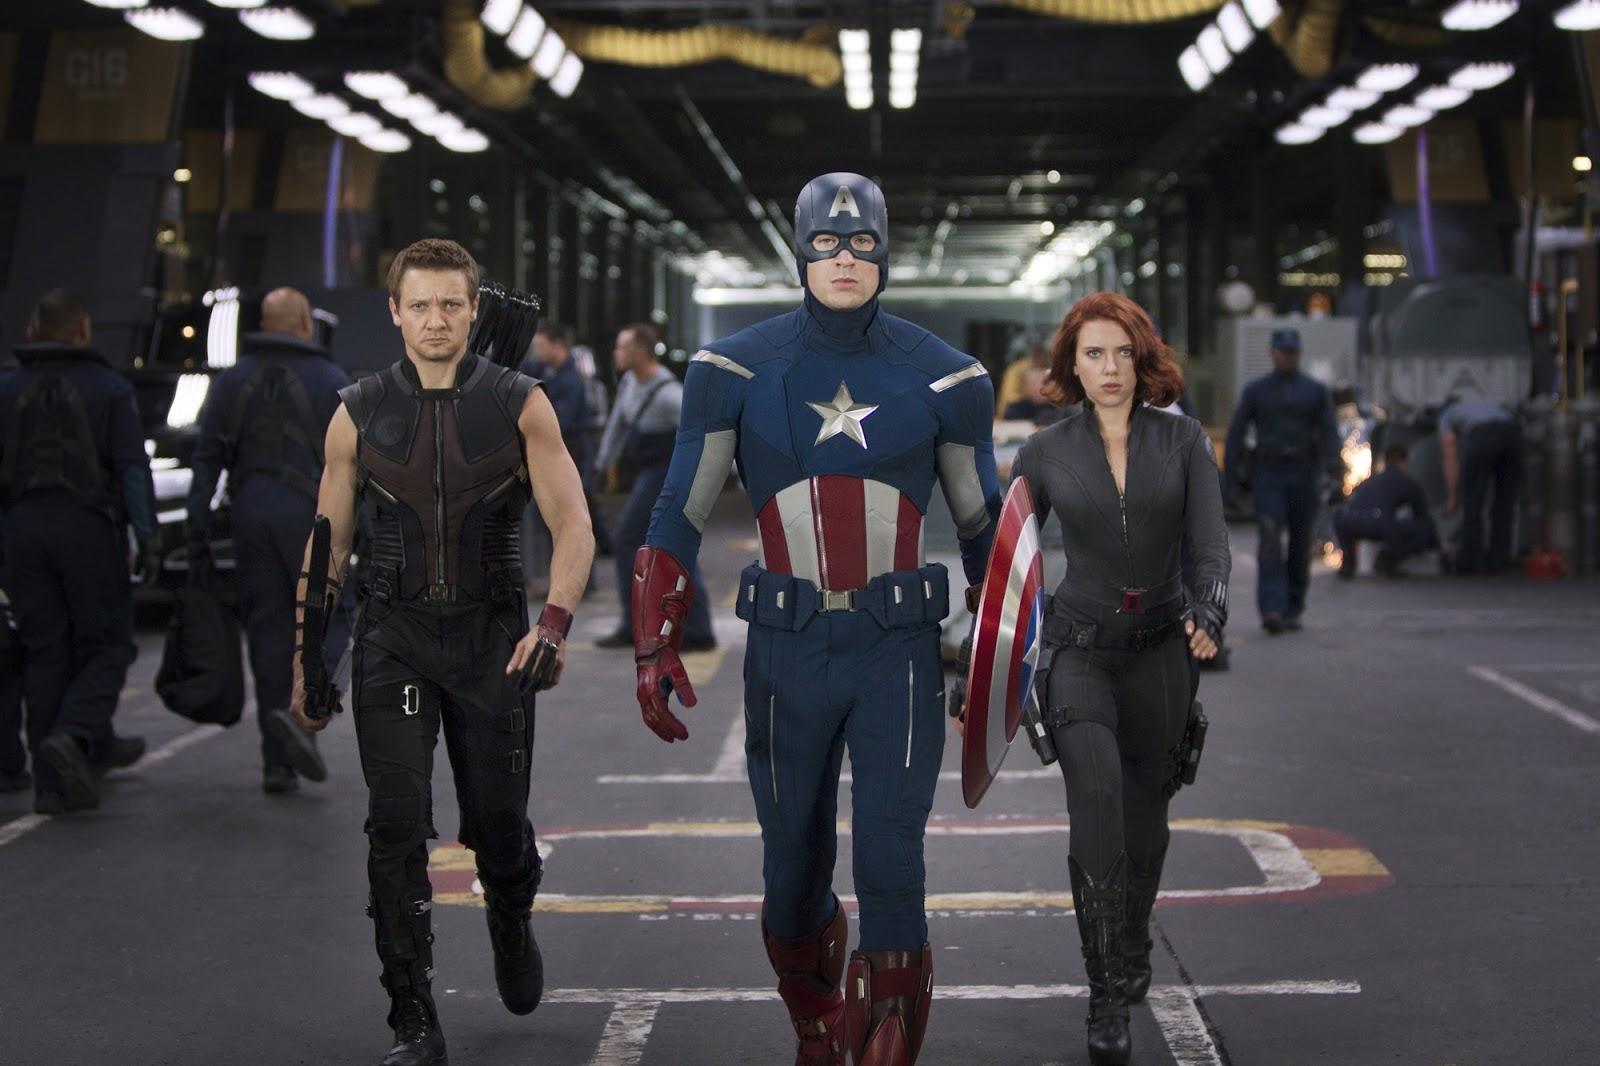 http://2.bp.blogspot.com/-LKrMPquen9o/T5vH2ucT5fI/AAAAAAAAAF0/w9uQCDX9BGM/s1600/Jeremy-Renner-Chris-Evans-and-Scarlett-Johansson-in-The-Avengers-2012.jpg